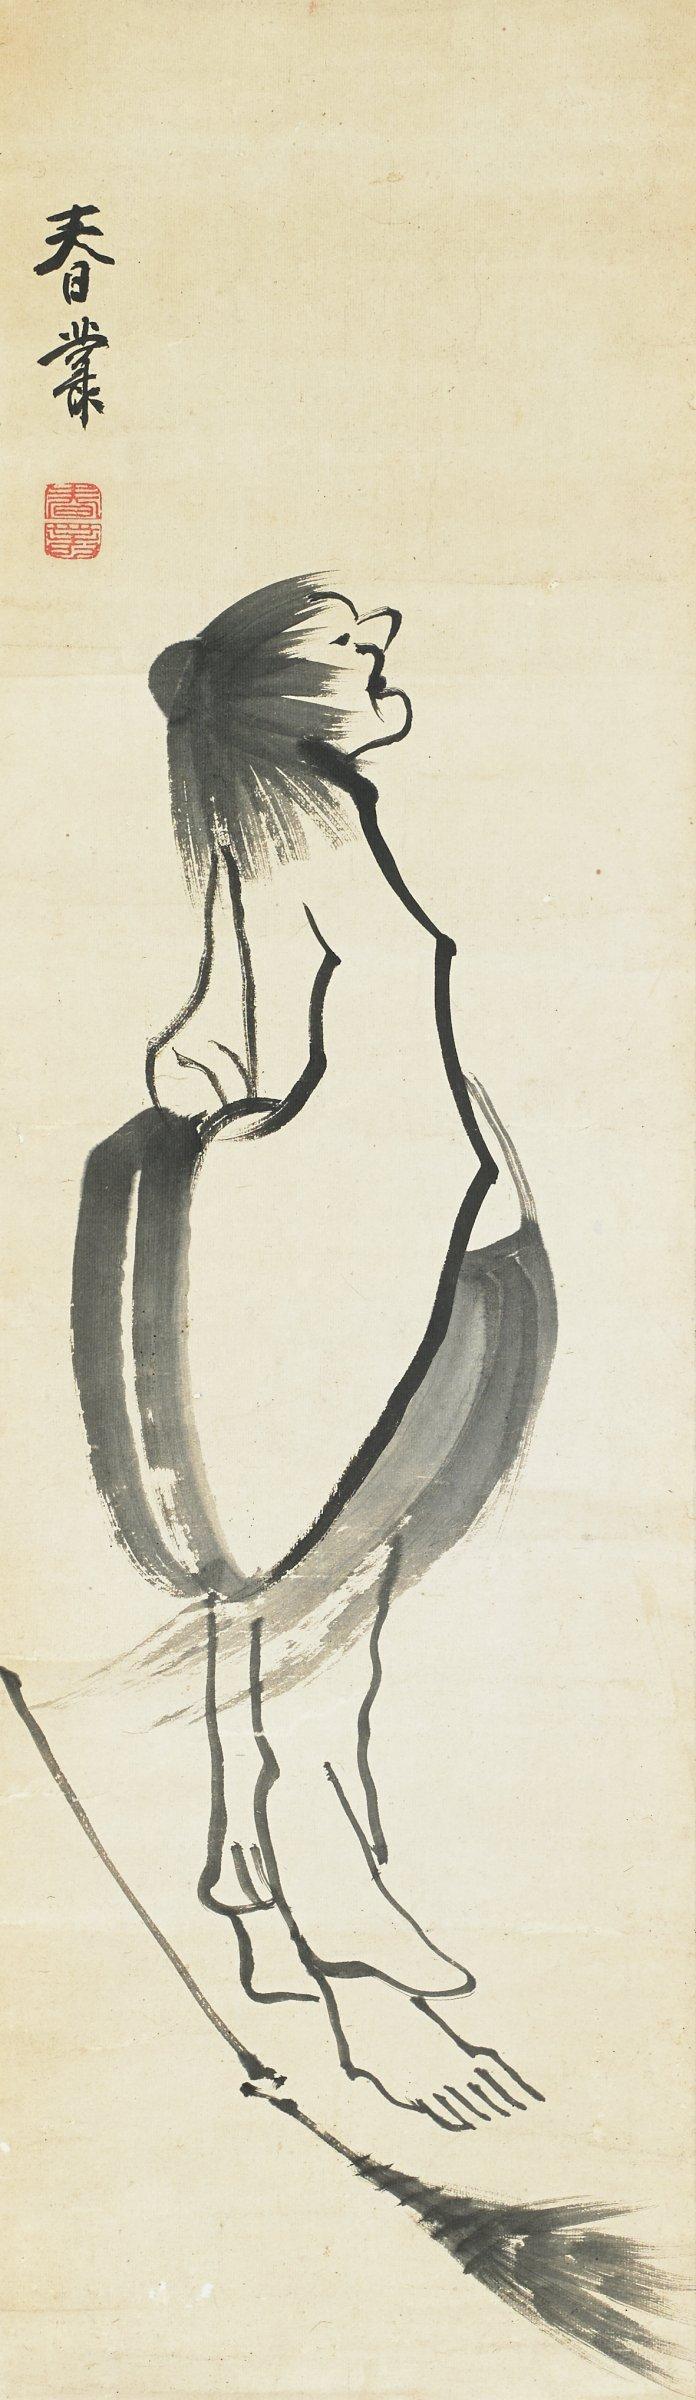 Jittoku, Shunso, ink on paper